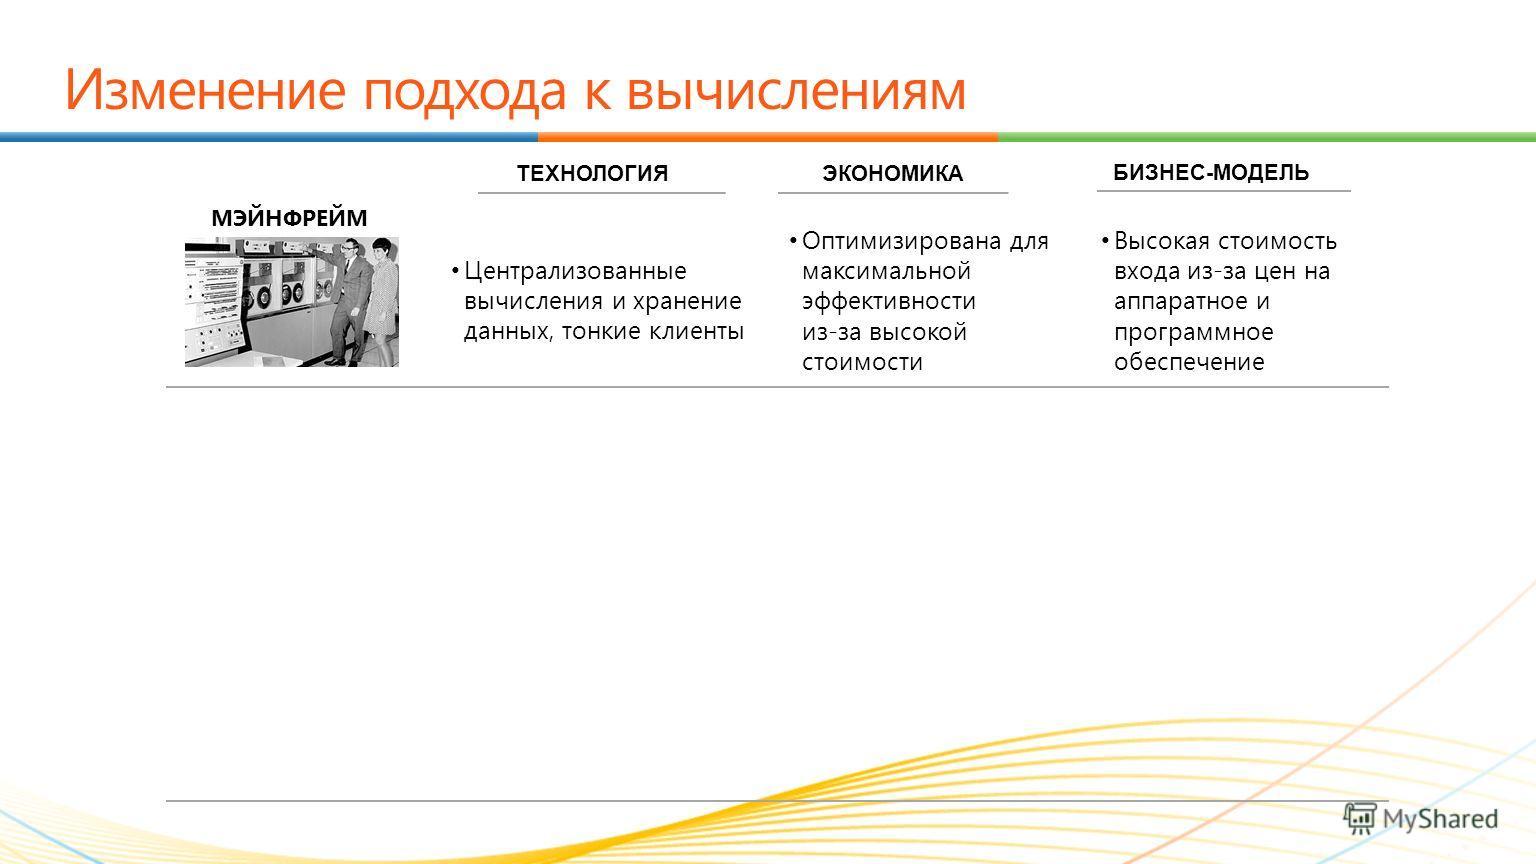 презентация коммерческого отдела